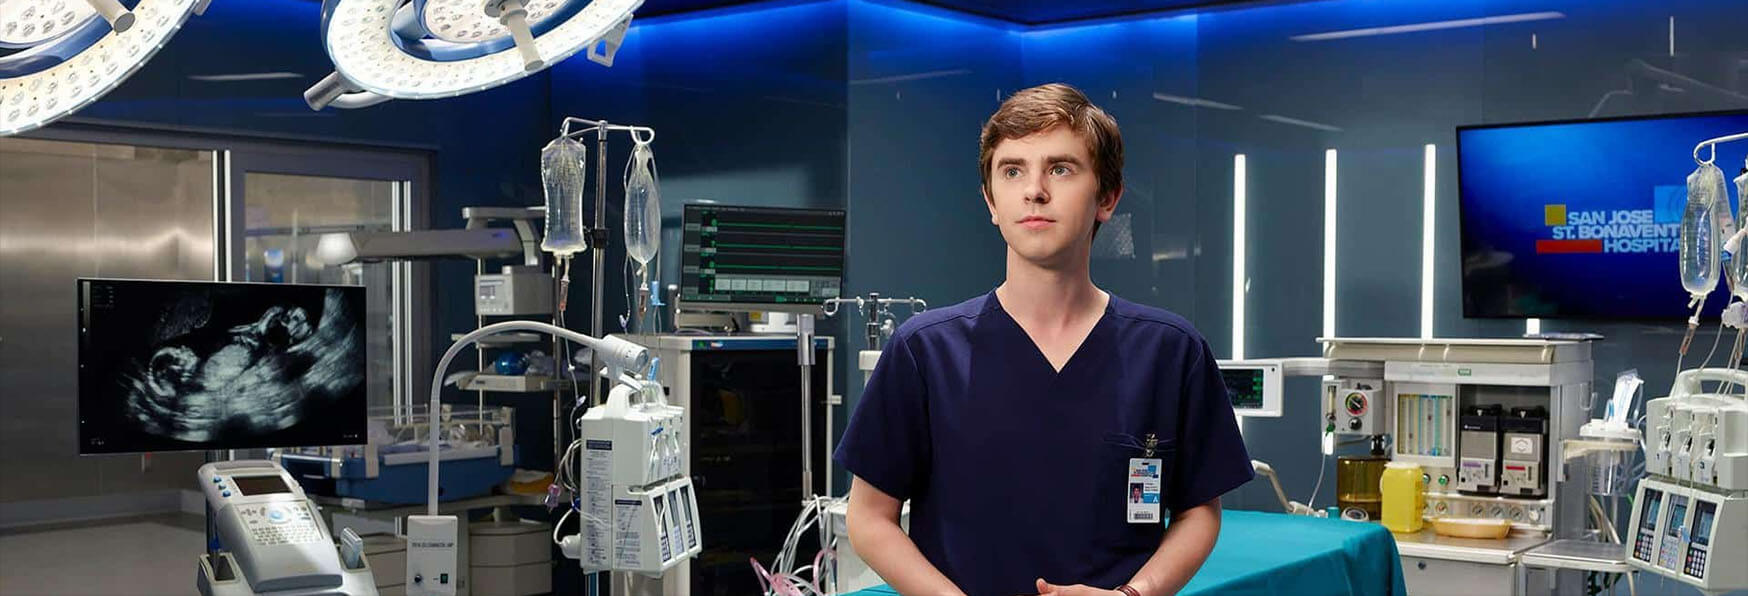 Ascolti Record per The Good Doctor, Serie ideata dal creatore di Dr. House